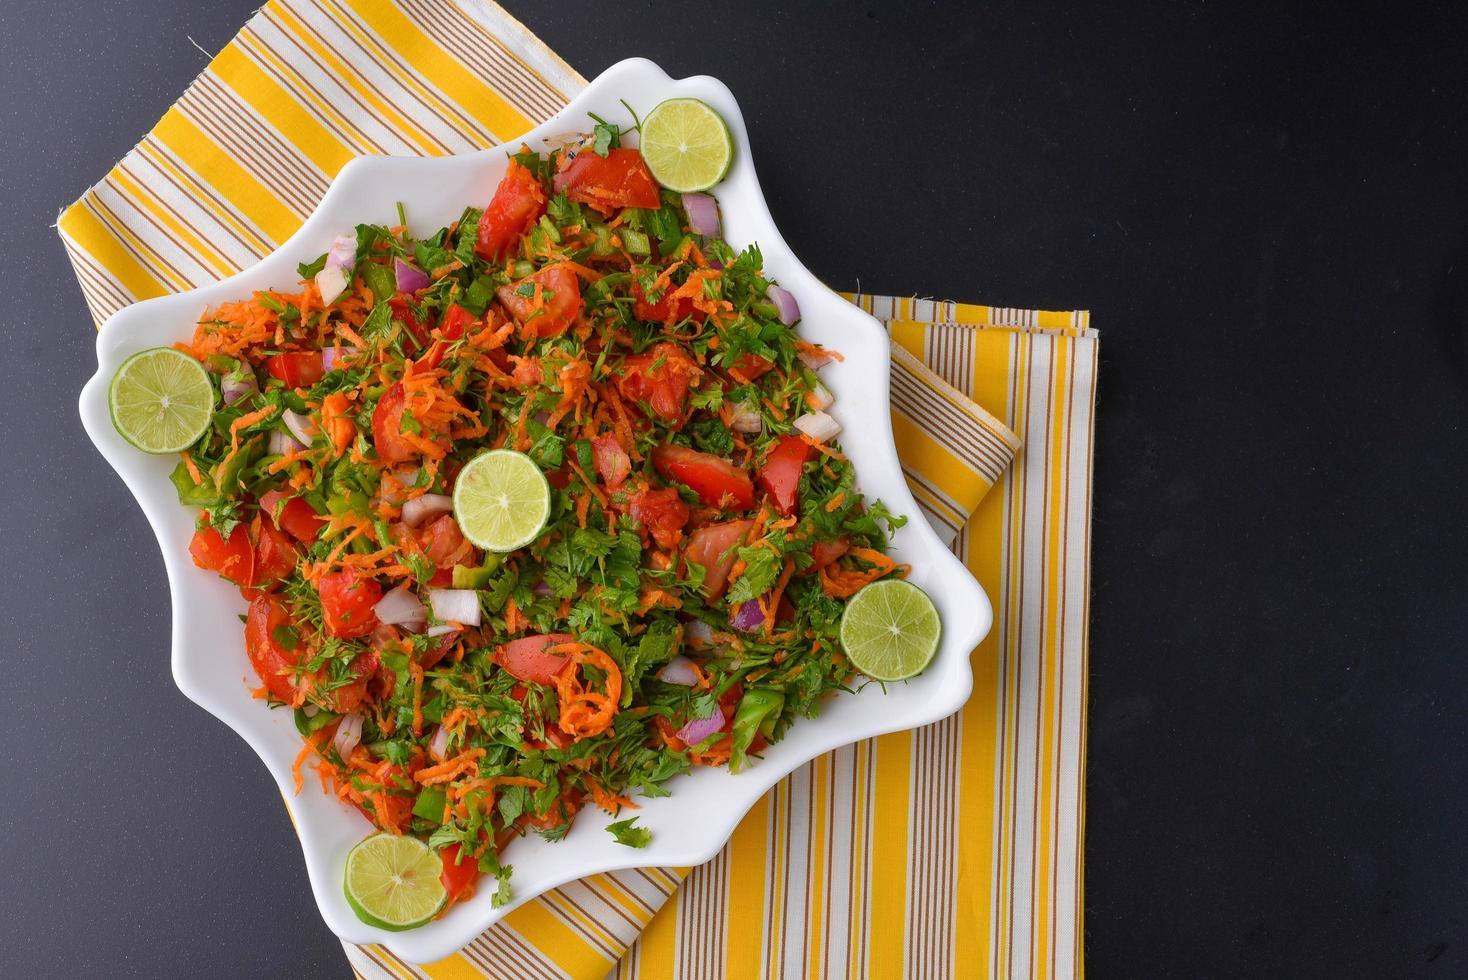 insalata fresca con verdure foto